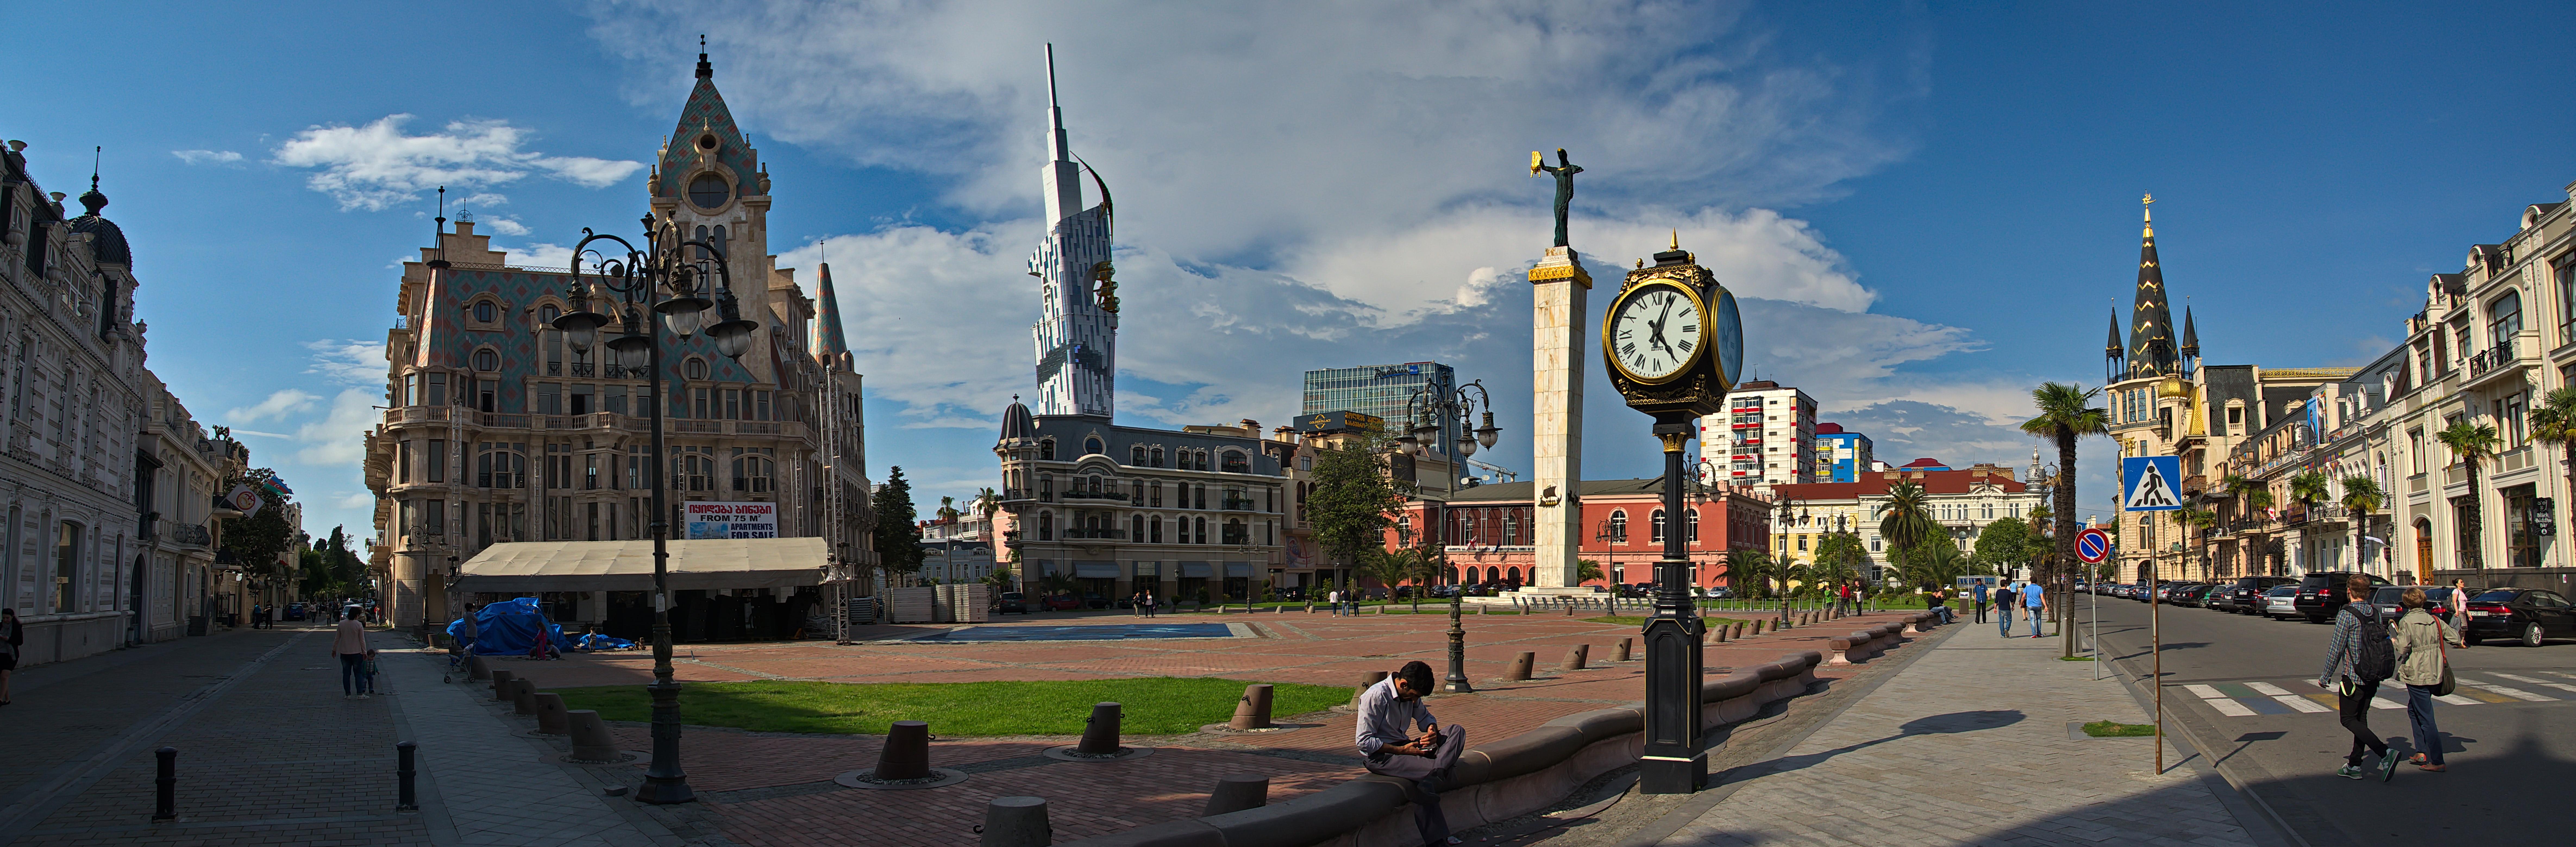 File:1071 - Kaukasus 2014 - Georgien - Batumi (16728246174).jpg